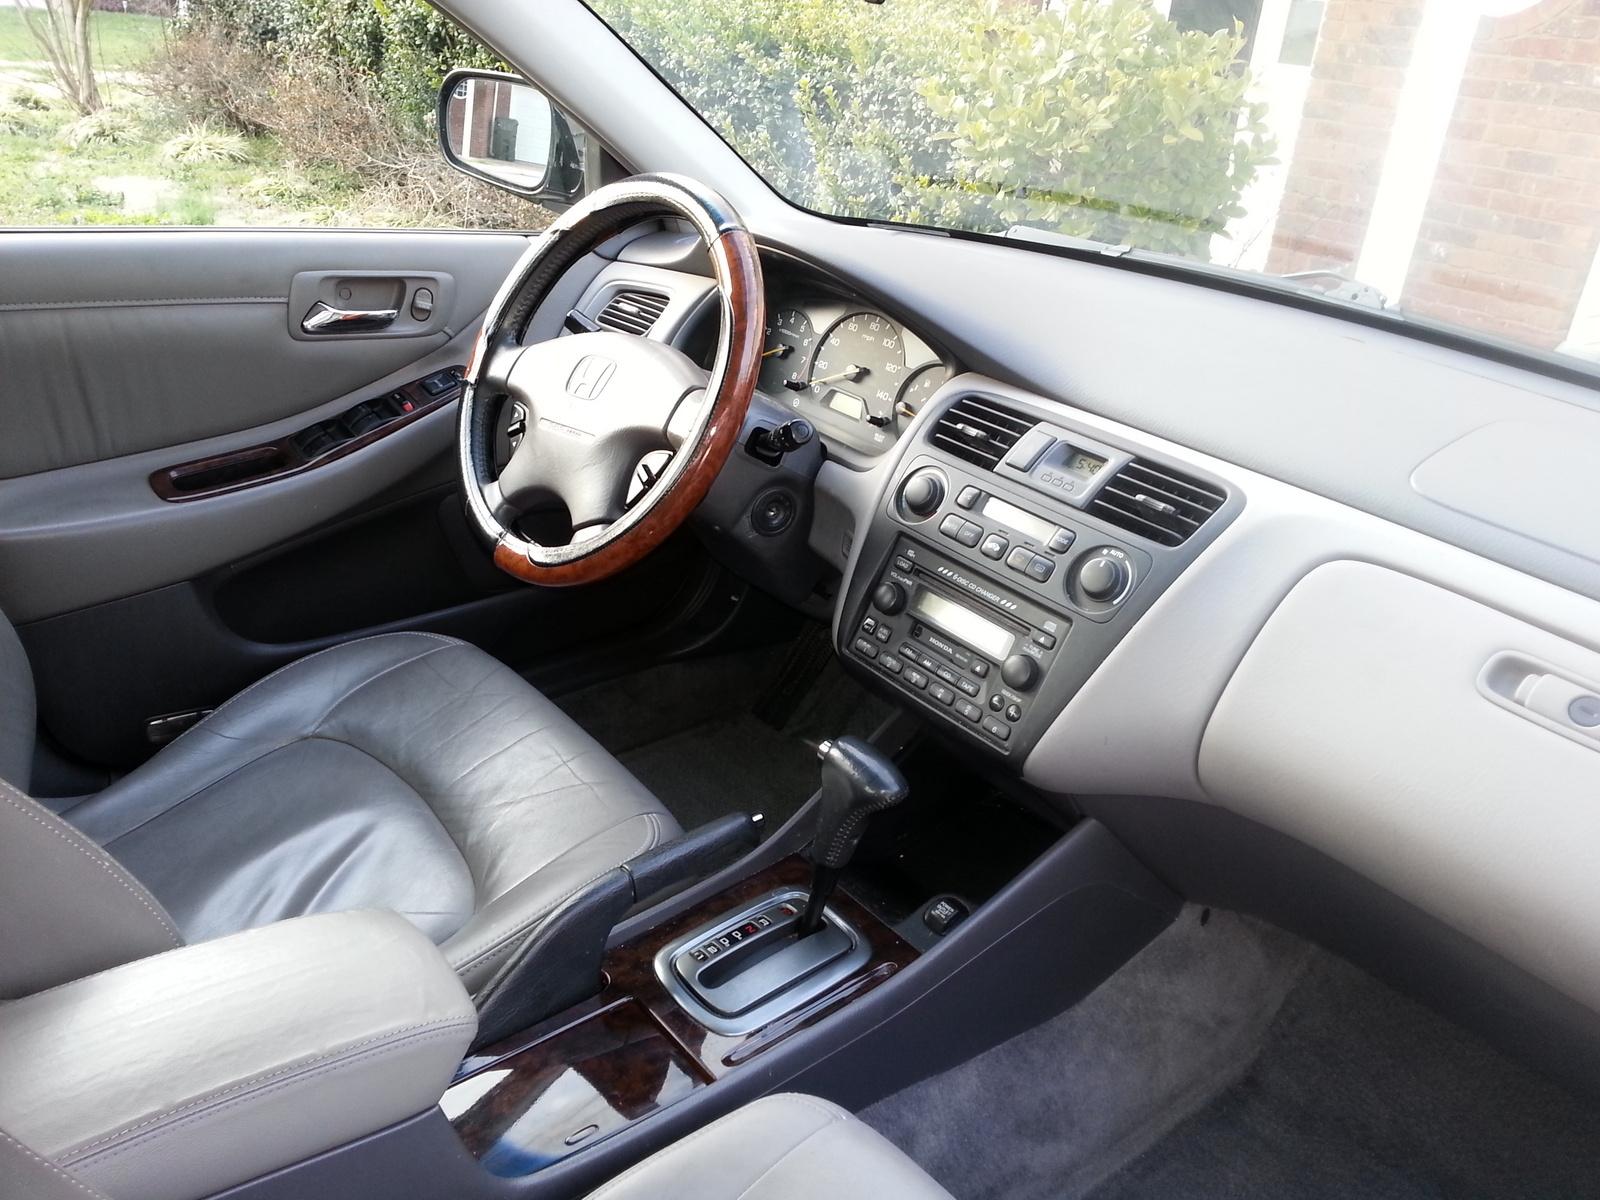 2001 honda accord coupe interior pictures cargurus 2001 honda accord coupe interior